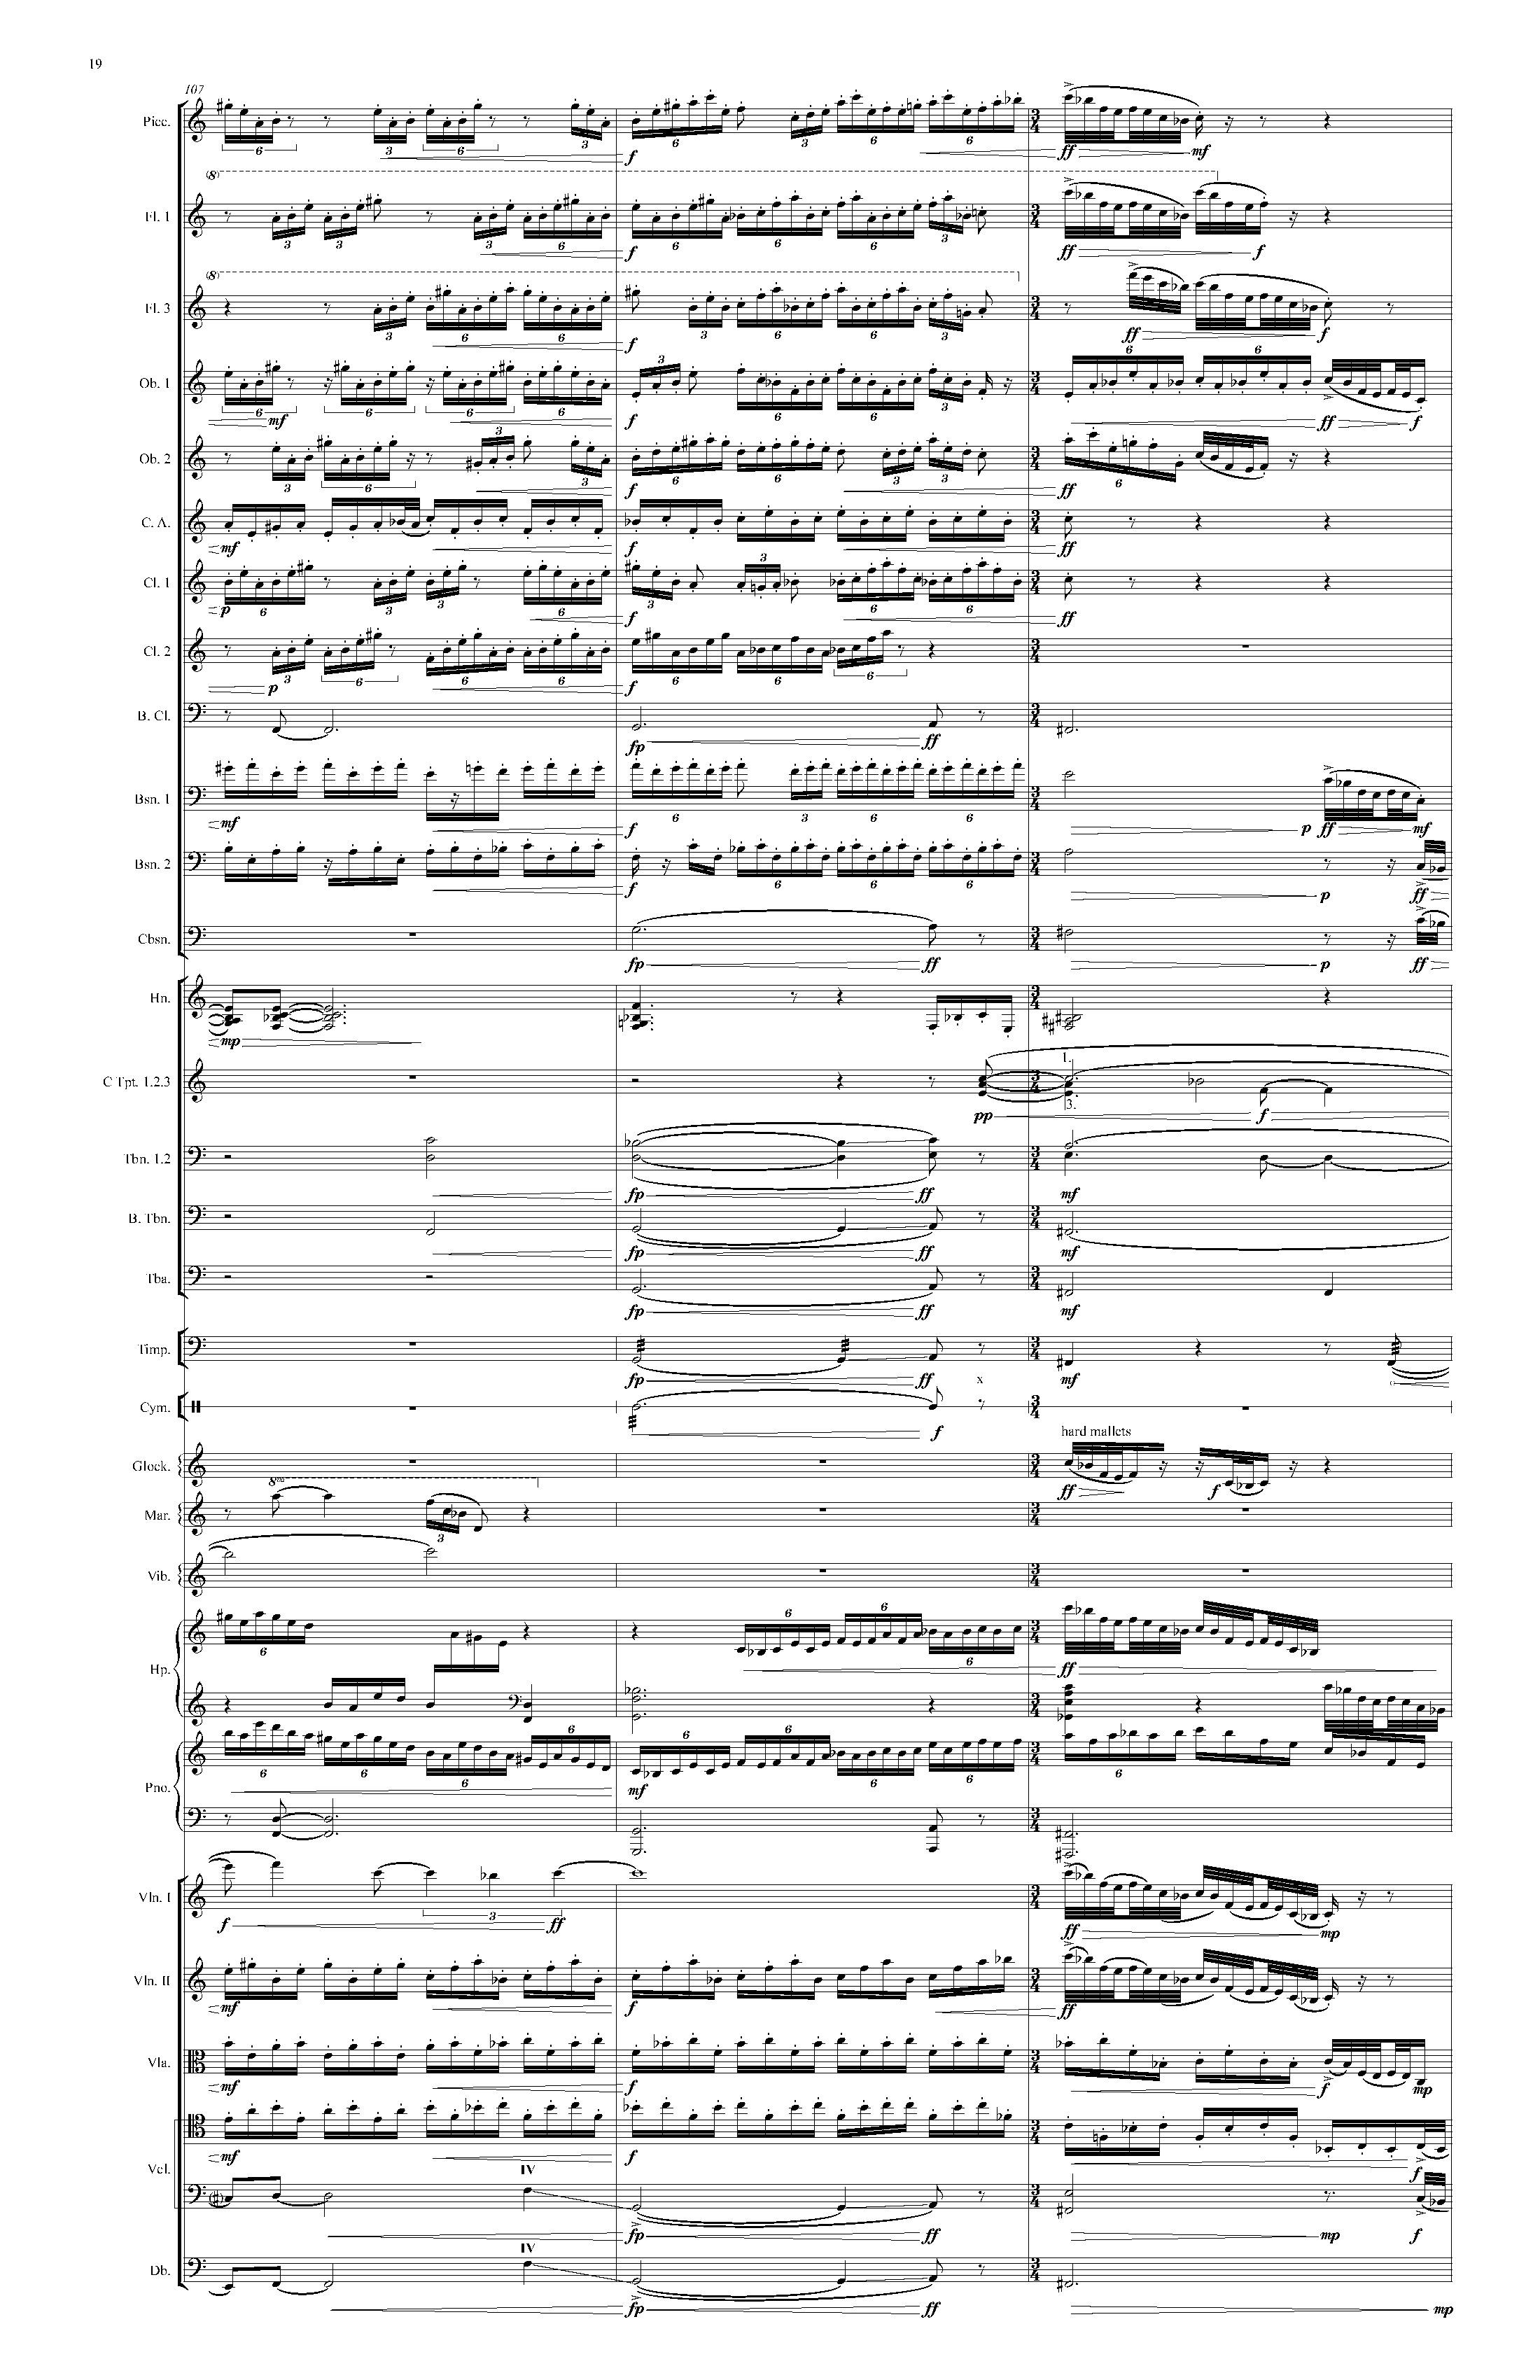 Kolmanskop 4-4-17 score - Full Score_Seite_22.jpg